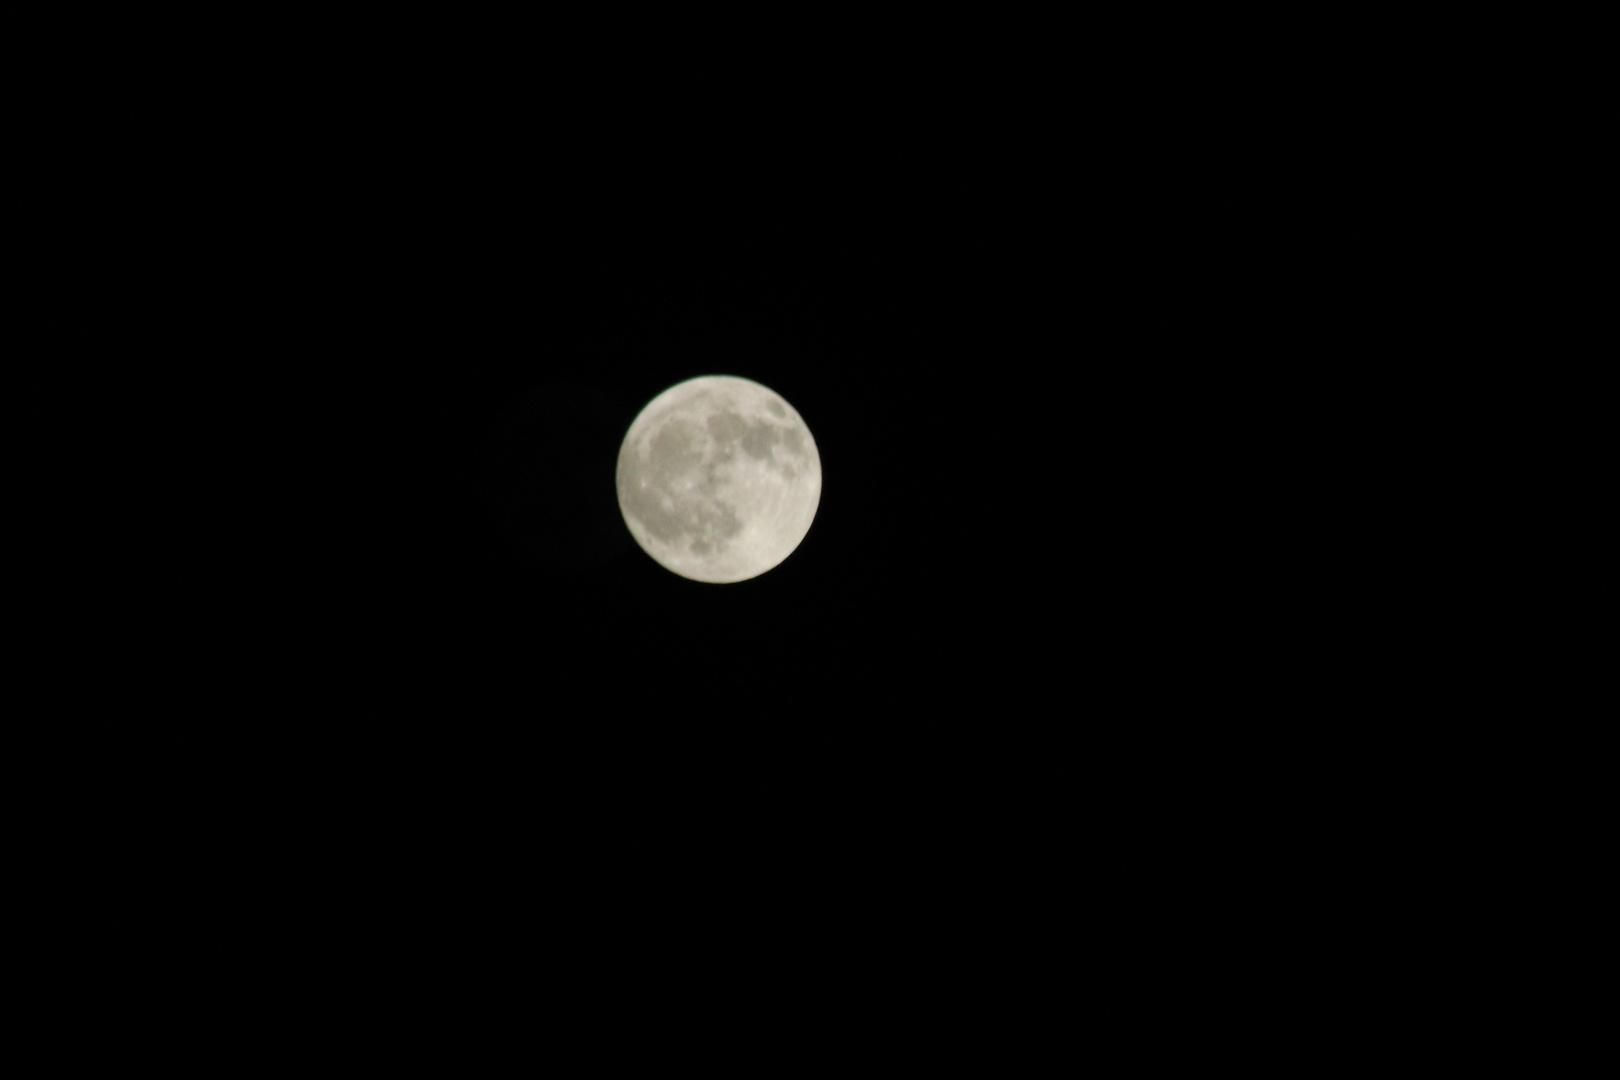 Der mit dem Mond